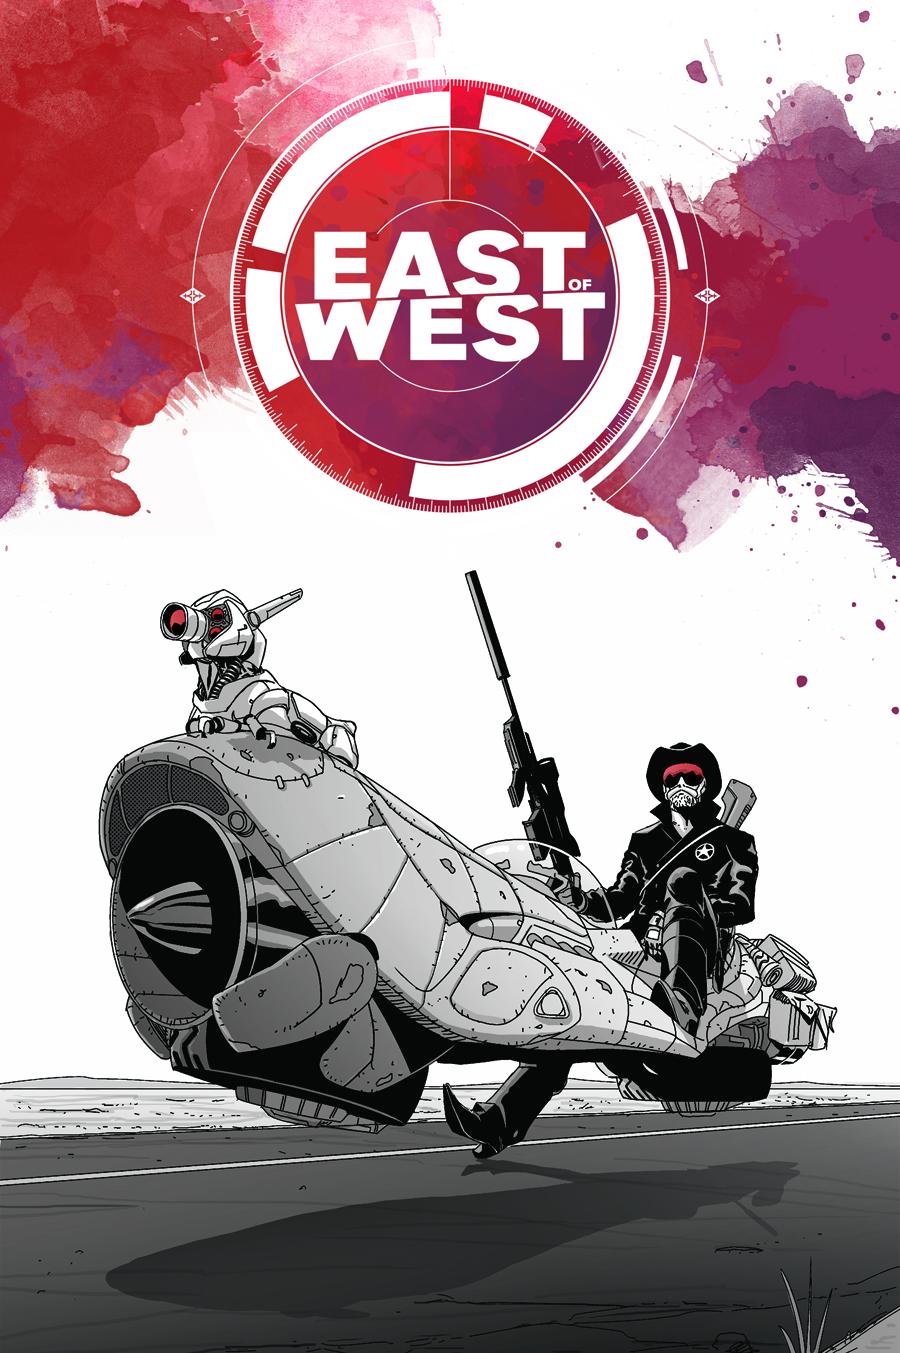 east of west.jpg